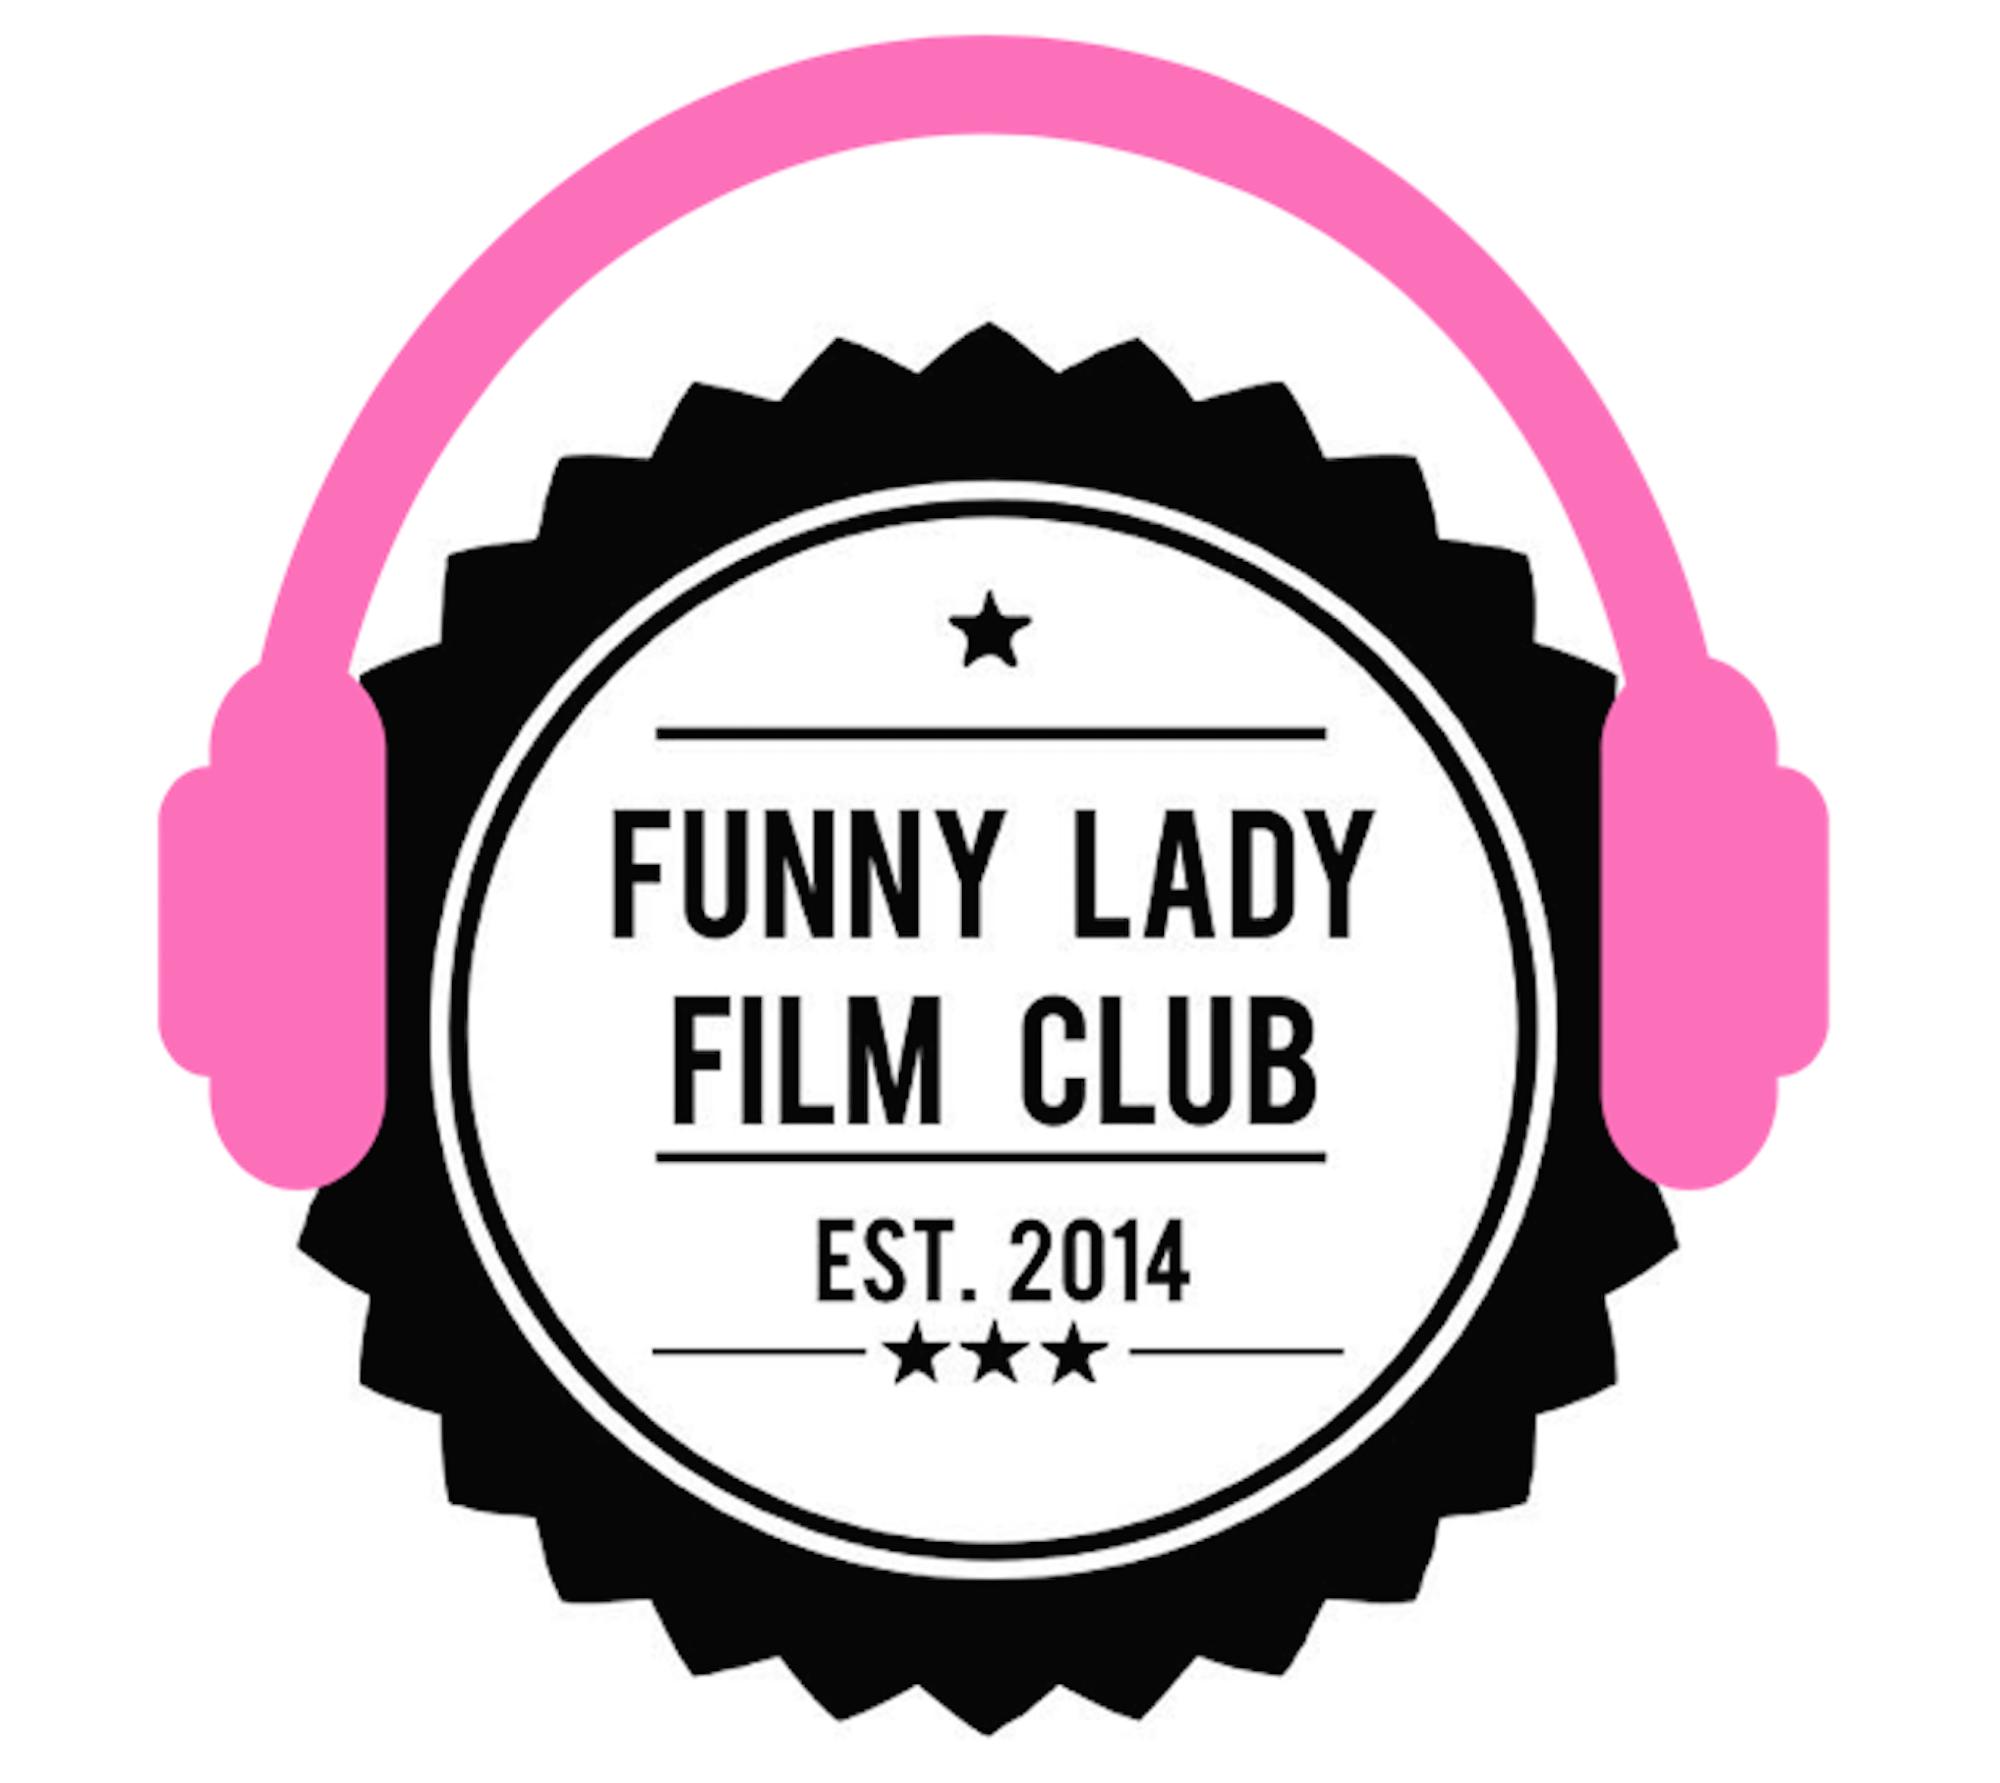 Funny Lady Film Club